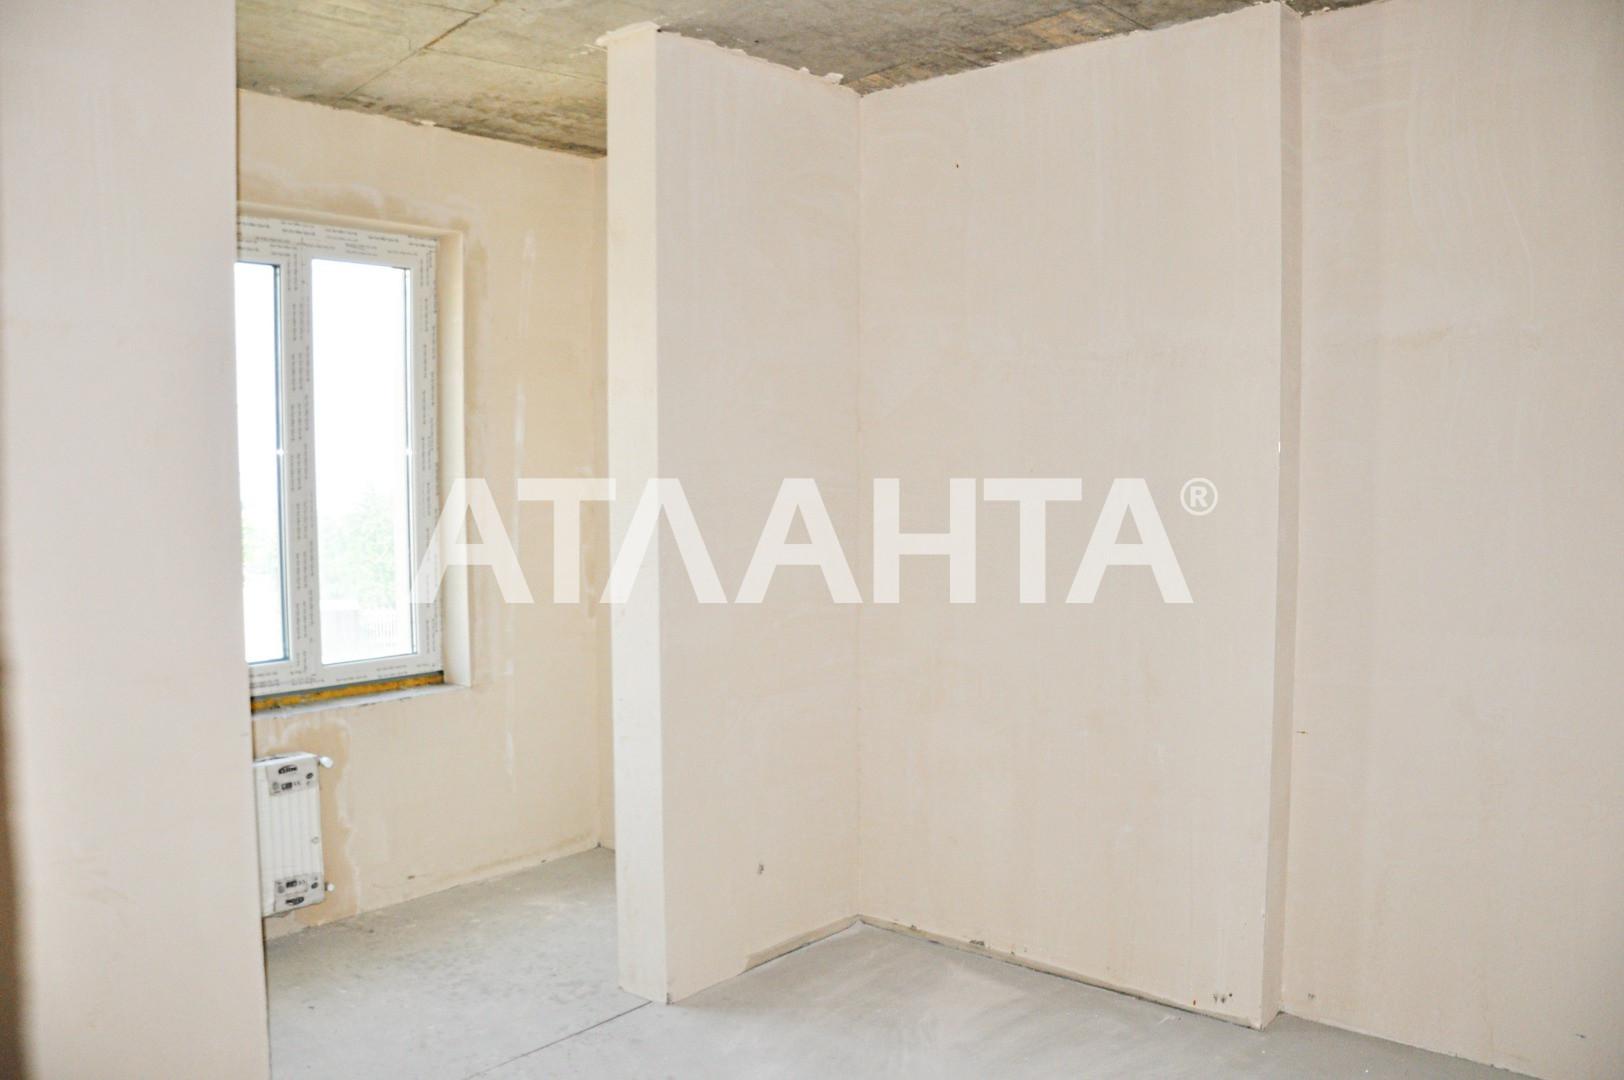 Продается 2-комнатная Квартира на ул. Каманина — 65 000 у.е. (фото №8)